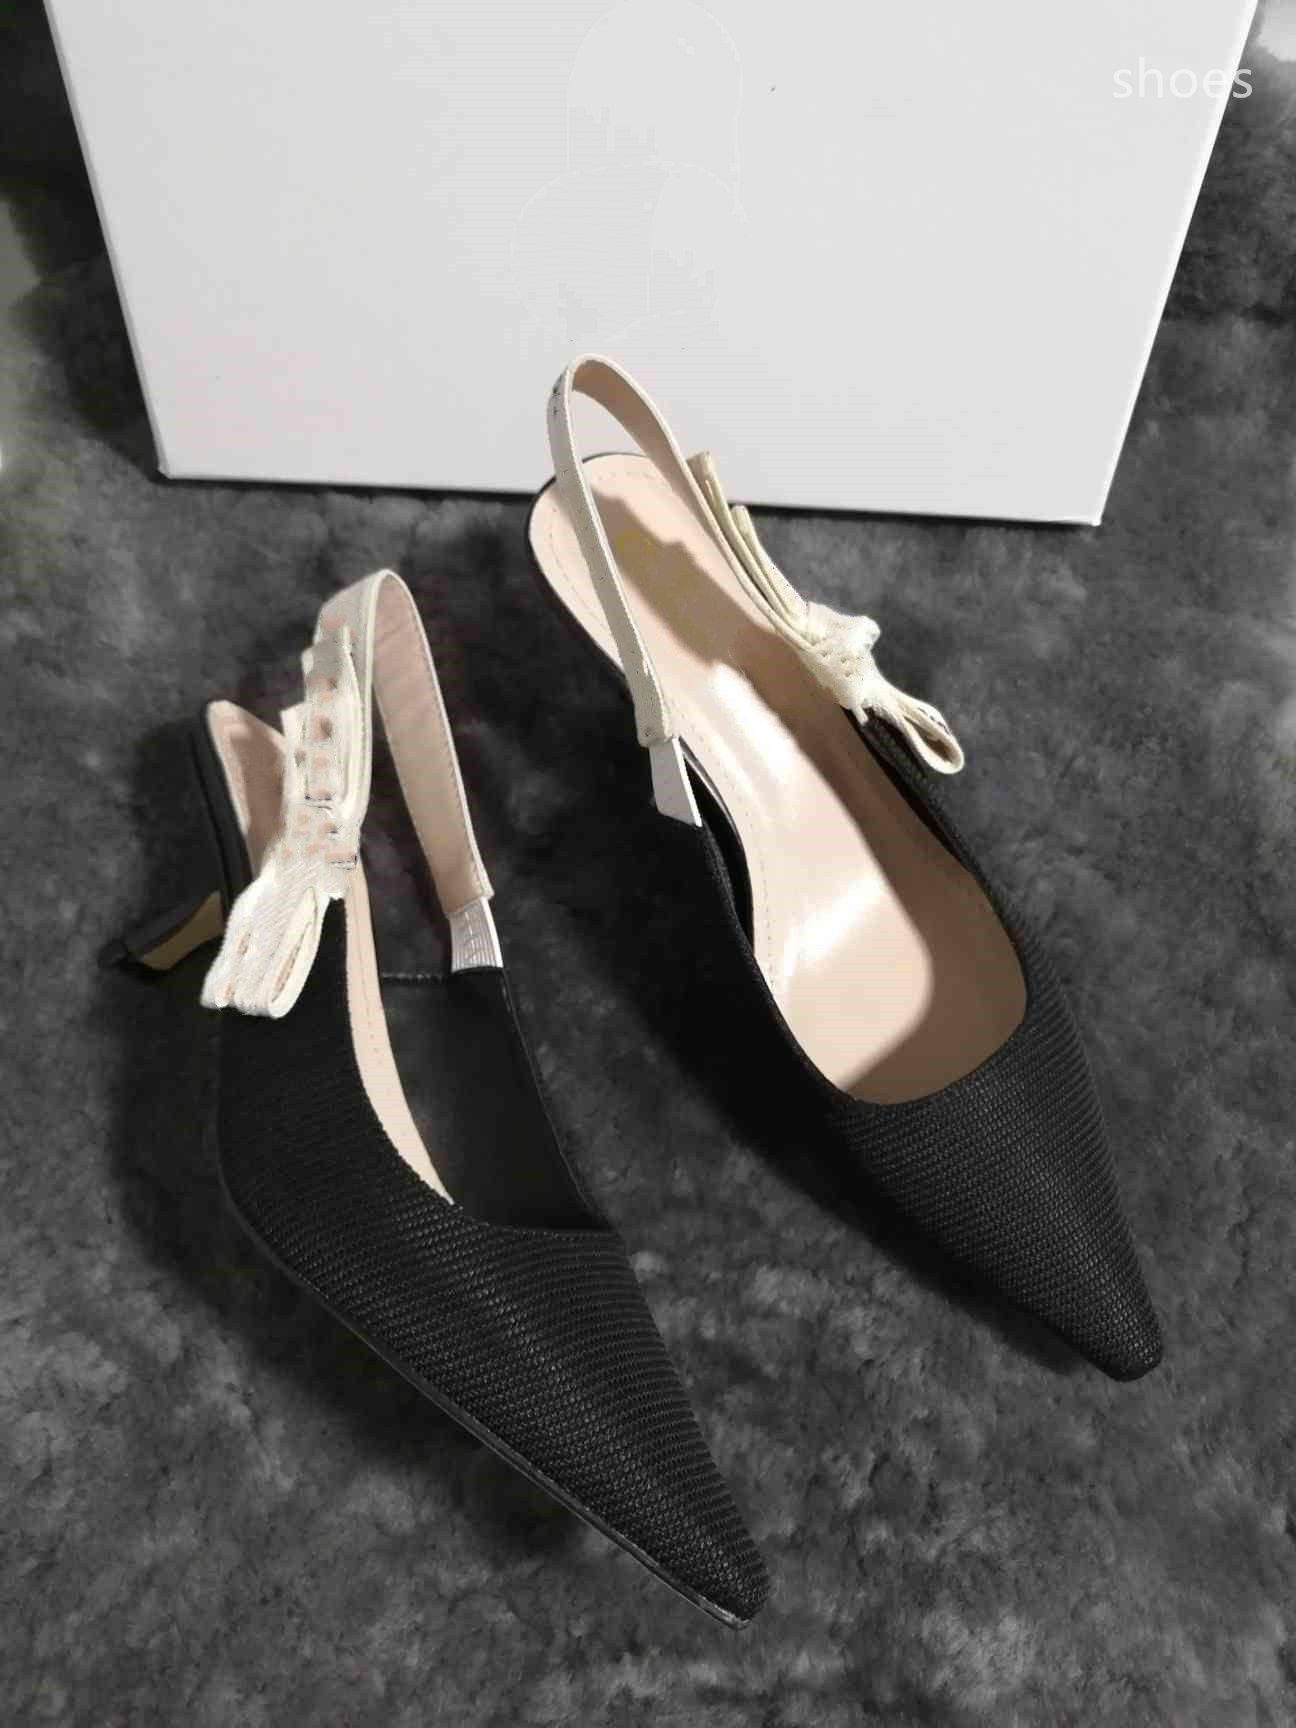 O novo 2021 vestido Shoes Party Office Universal High Saltos Moda Versátil Sapatos de Luxo Designer Design UY8